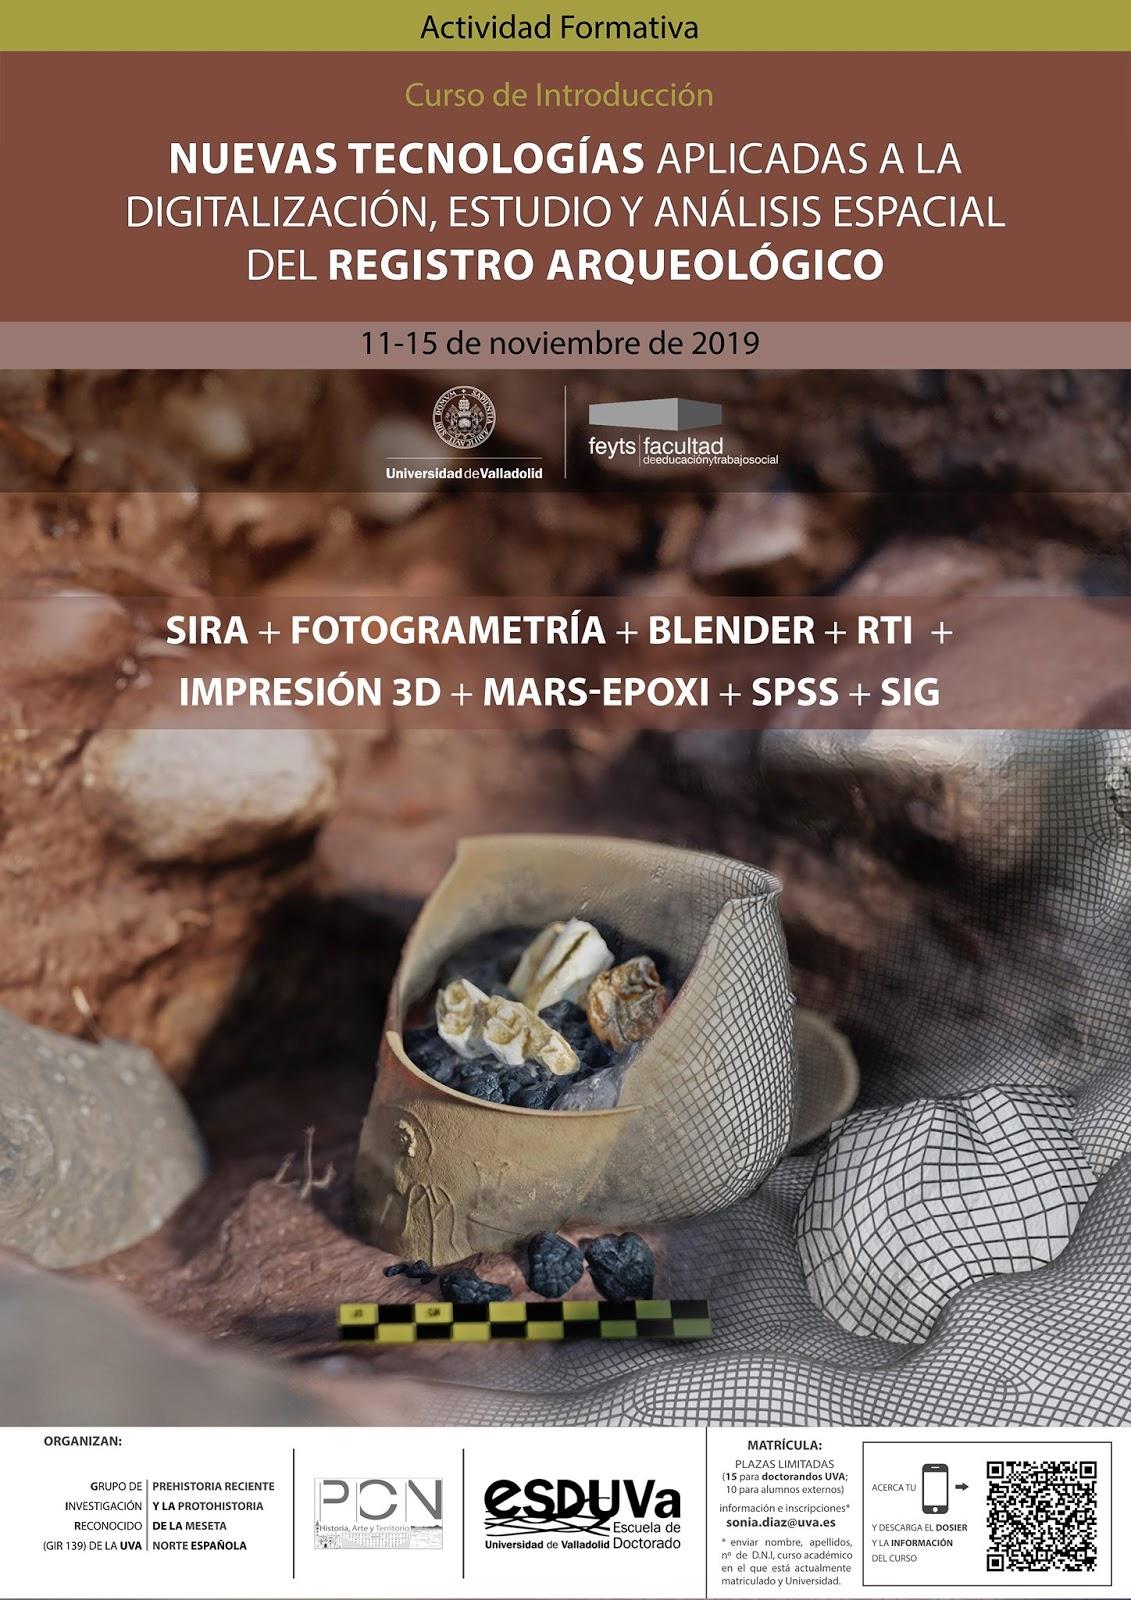 Curso de introducción: Nuevas Tecnologías aplicadas a la Digitalización, Estudio y Análisis Espacial del Registro Arqueológico, Universidad de Valladolid